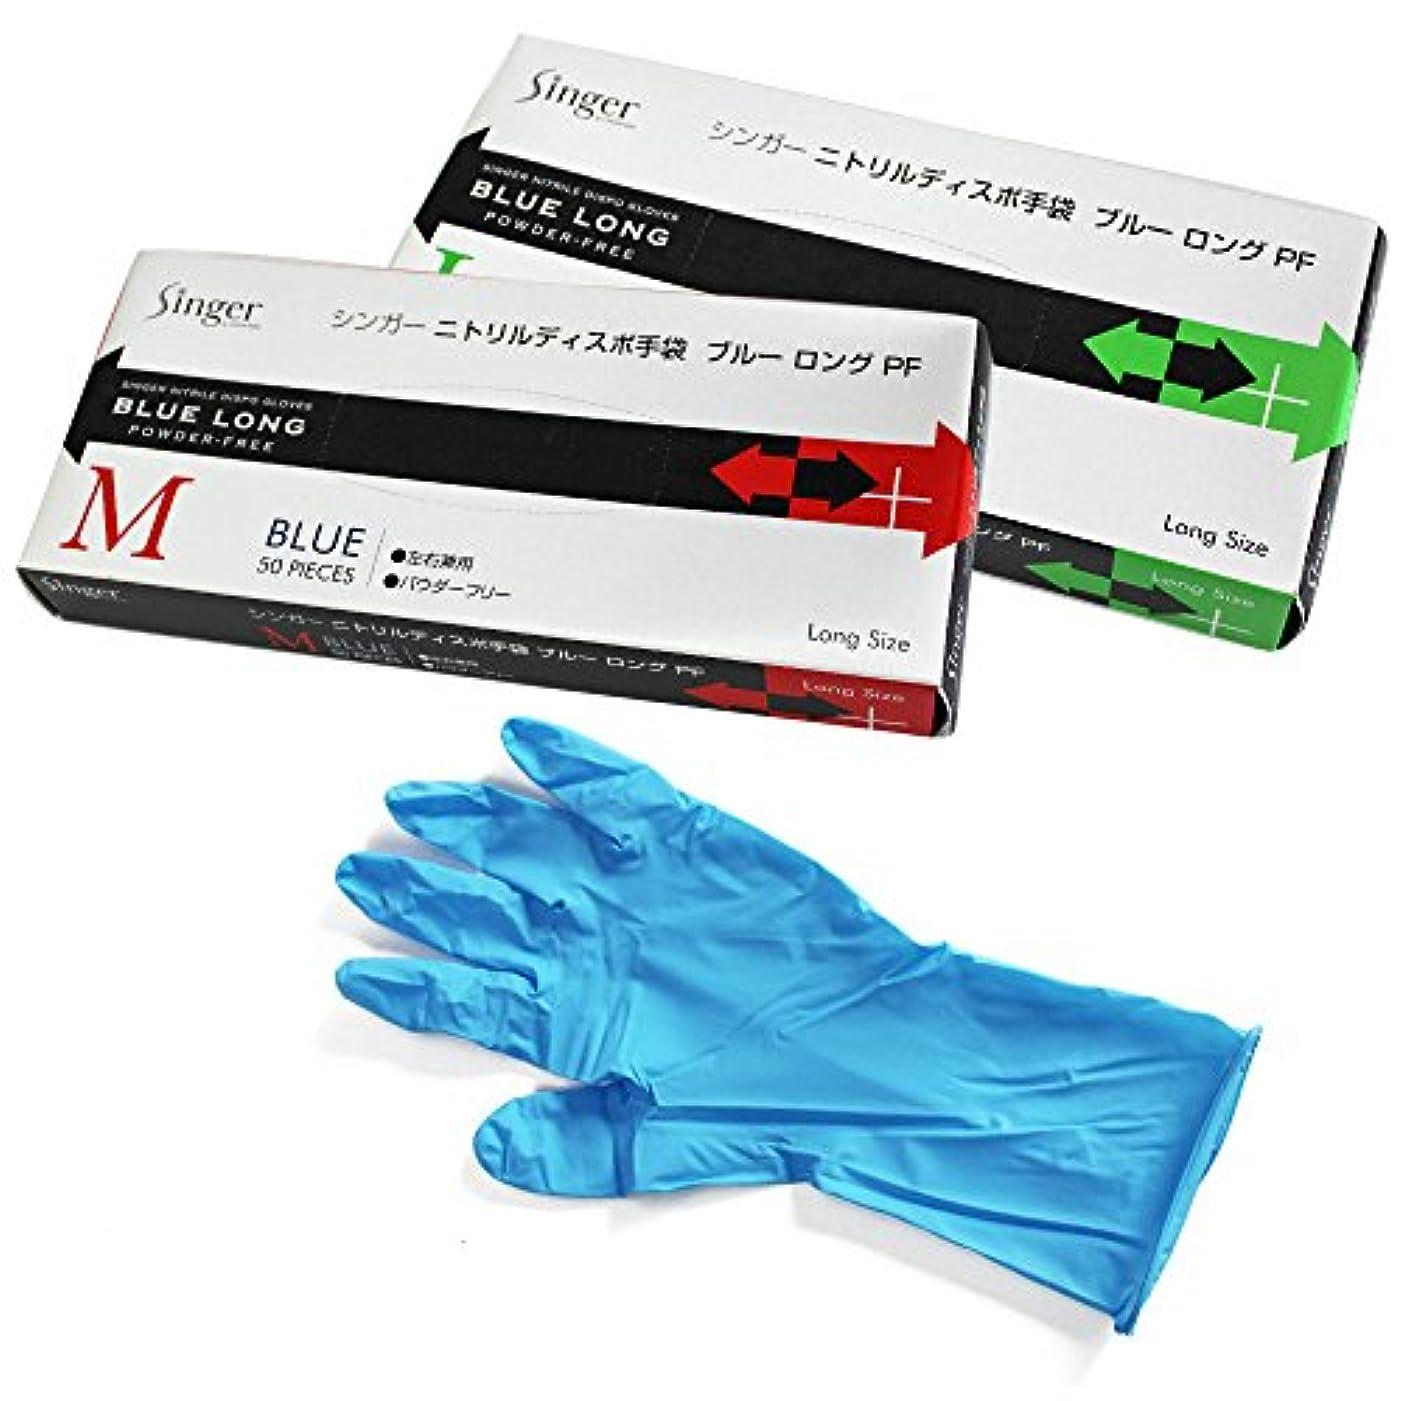 低下迅速作成者シンガーニトリルディスポ手袋ブルーロングパウダーフリー500枚(50枚入り×10箱) (SS)